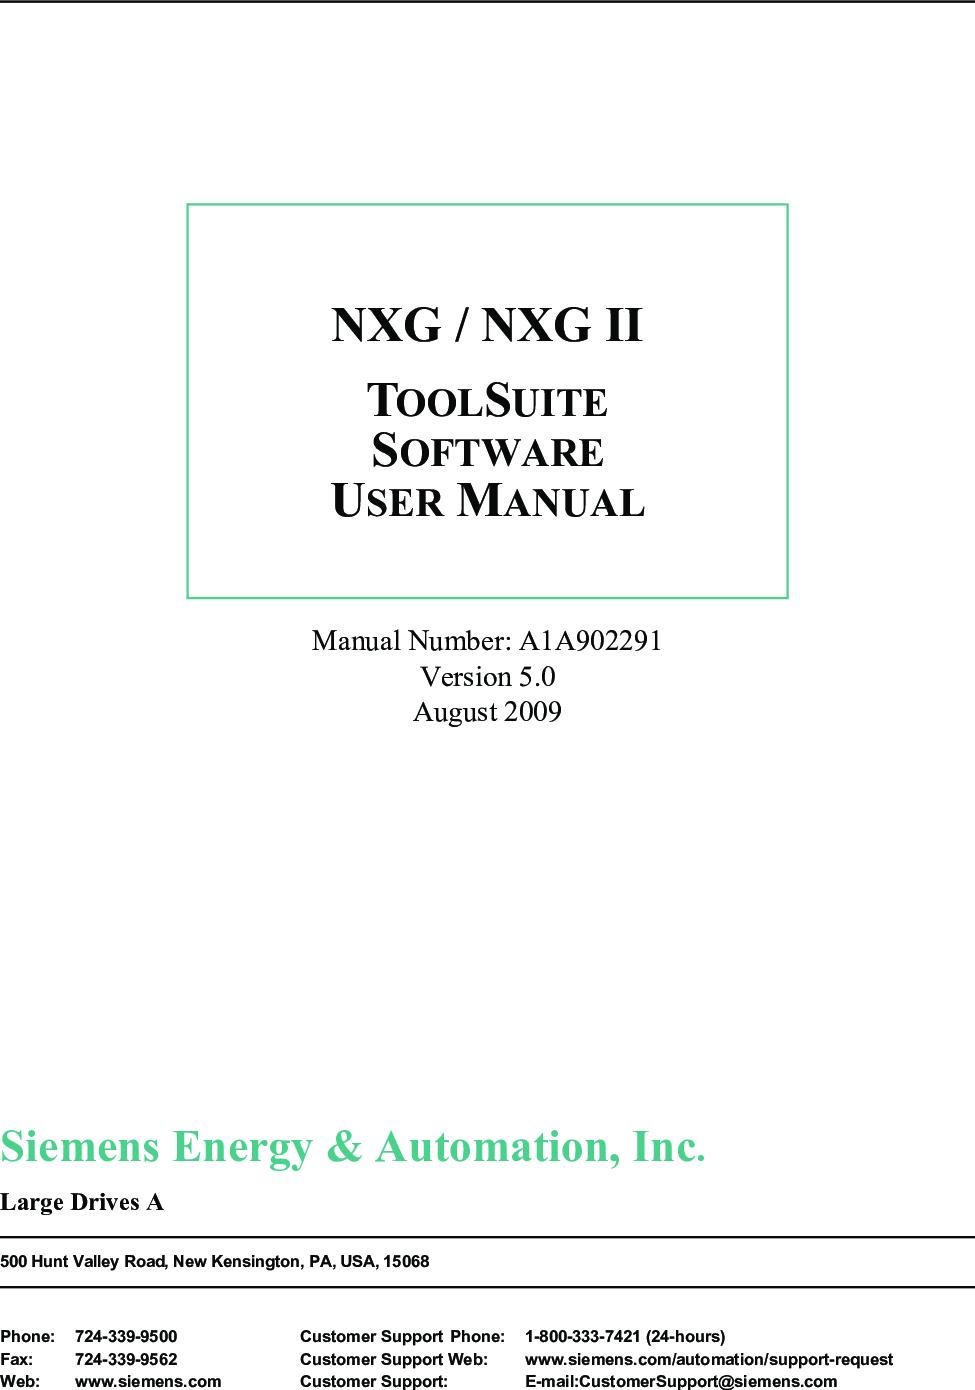 A1a902291v5 0 Ab Nxg Tool Suite User Manual A1a902291 V5 0